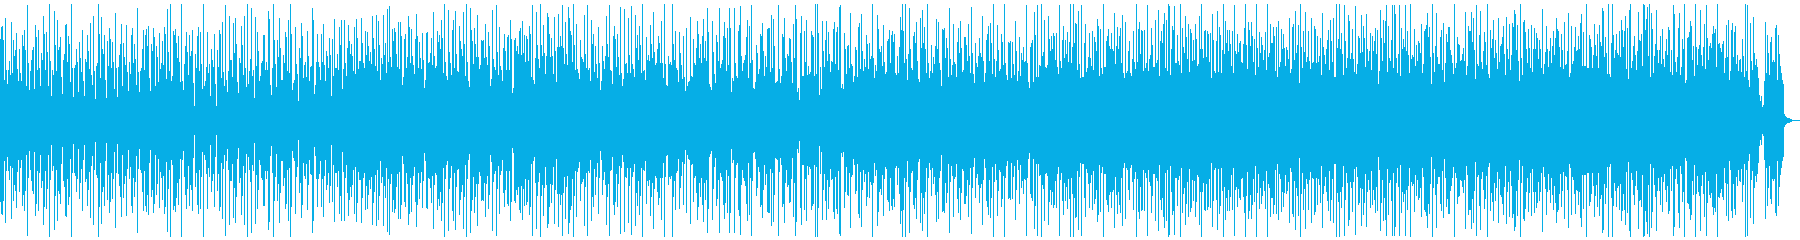 軽快で楽しいファンキーソウルミュージックの再生済みの波形